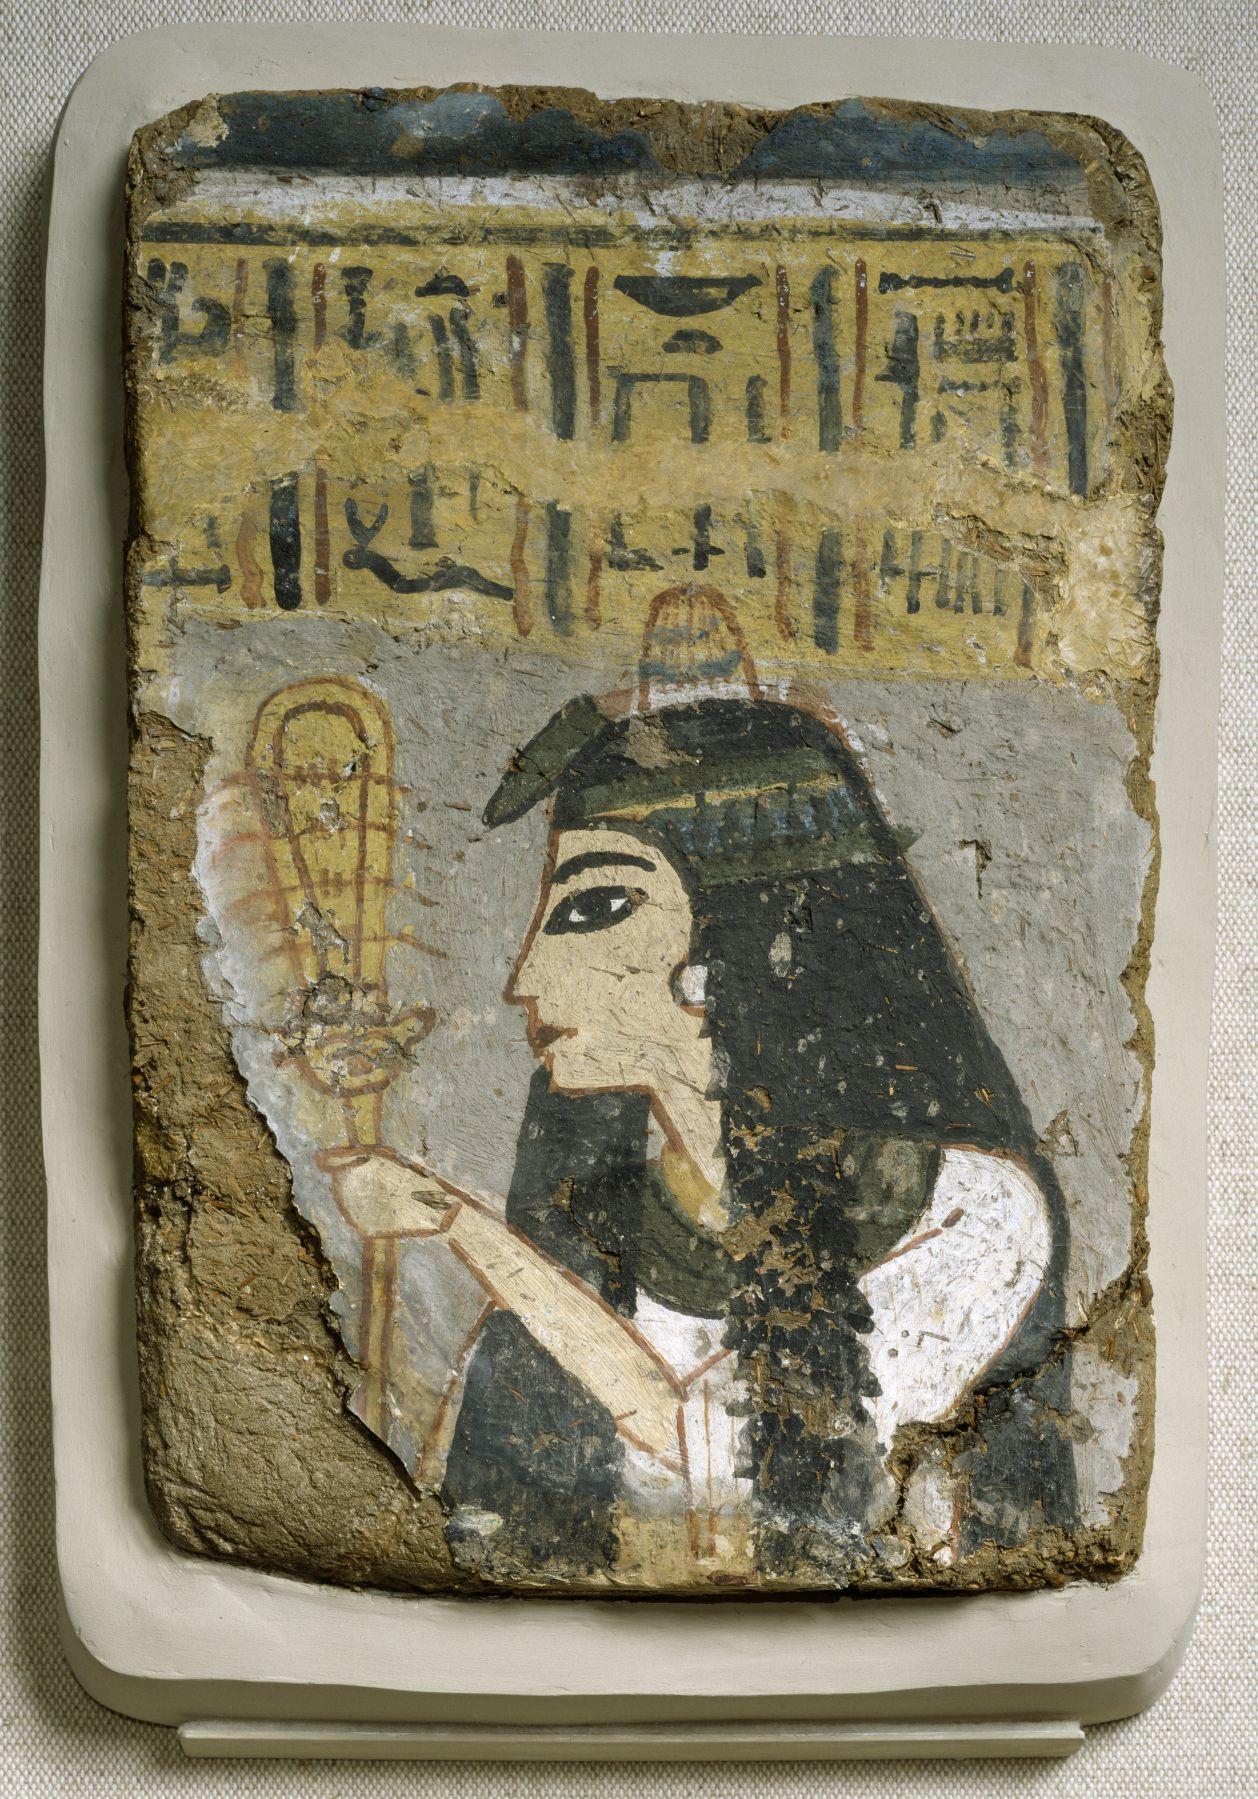 Mujer Que Sostiene Un Sistro Pintura Mural Del Antiguo Egipto Arte Del Antiguo Egipto Arte Egipcio Egipto Antiguo